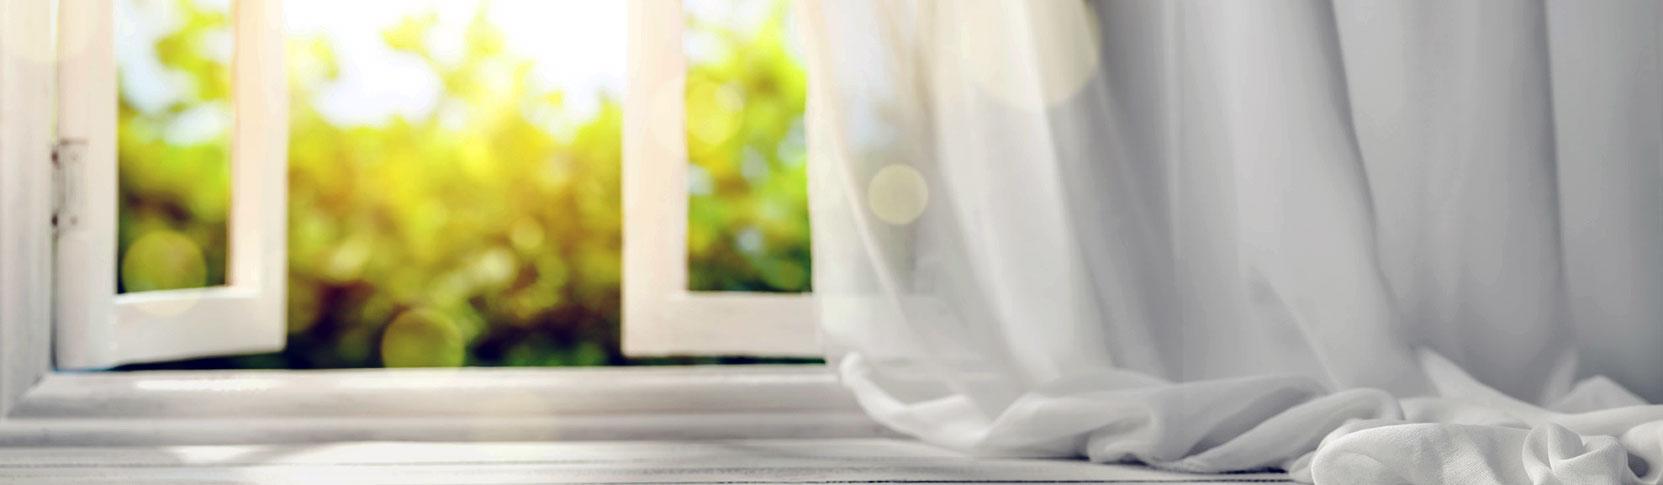 gardinen waschen lassen hcvc. Black Bedroom Furniture Sets. Home Design Ideas